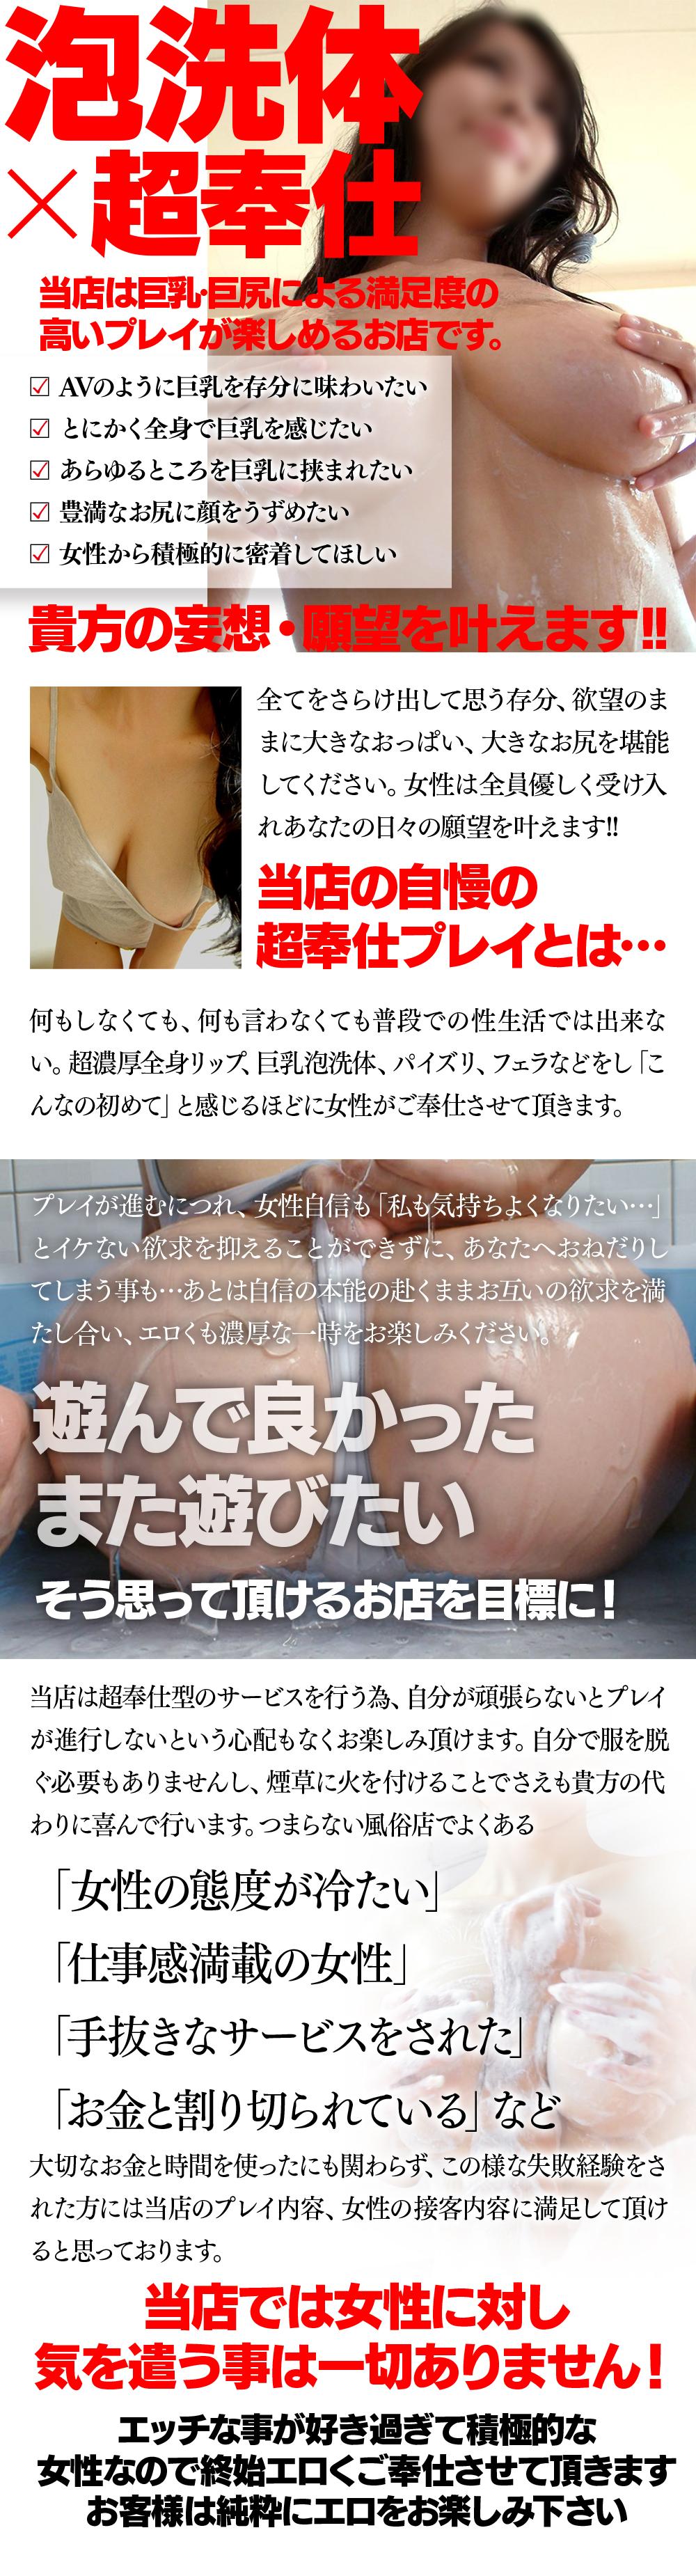 """大阪の十三にある風俗店""""豊満奉仕倶楽部"""""""